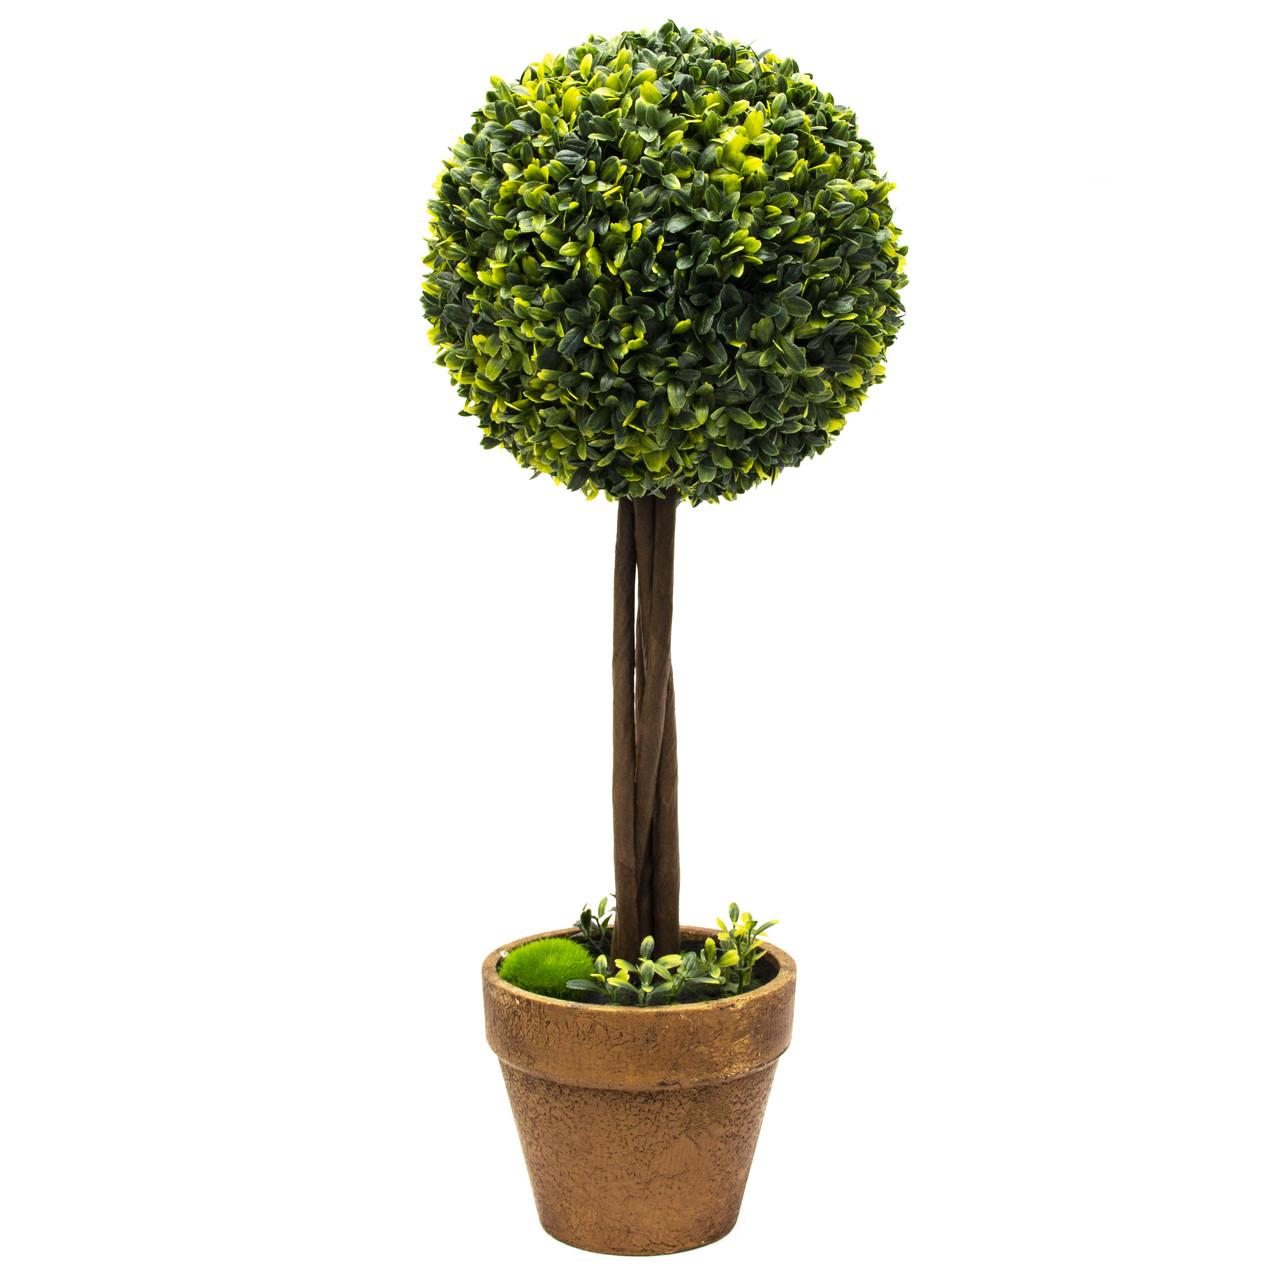 Искусственное дерево Самшит, 50 см, (960057)